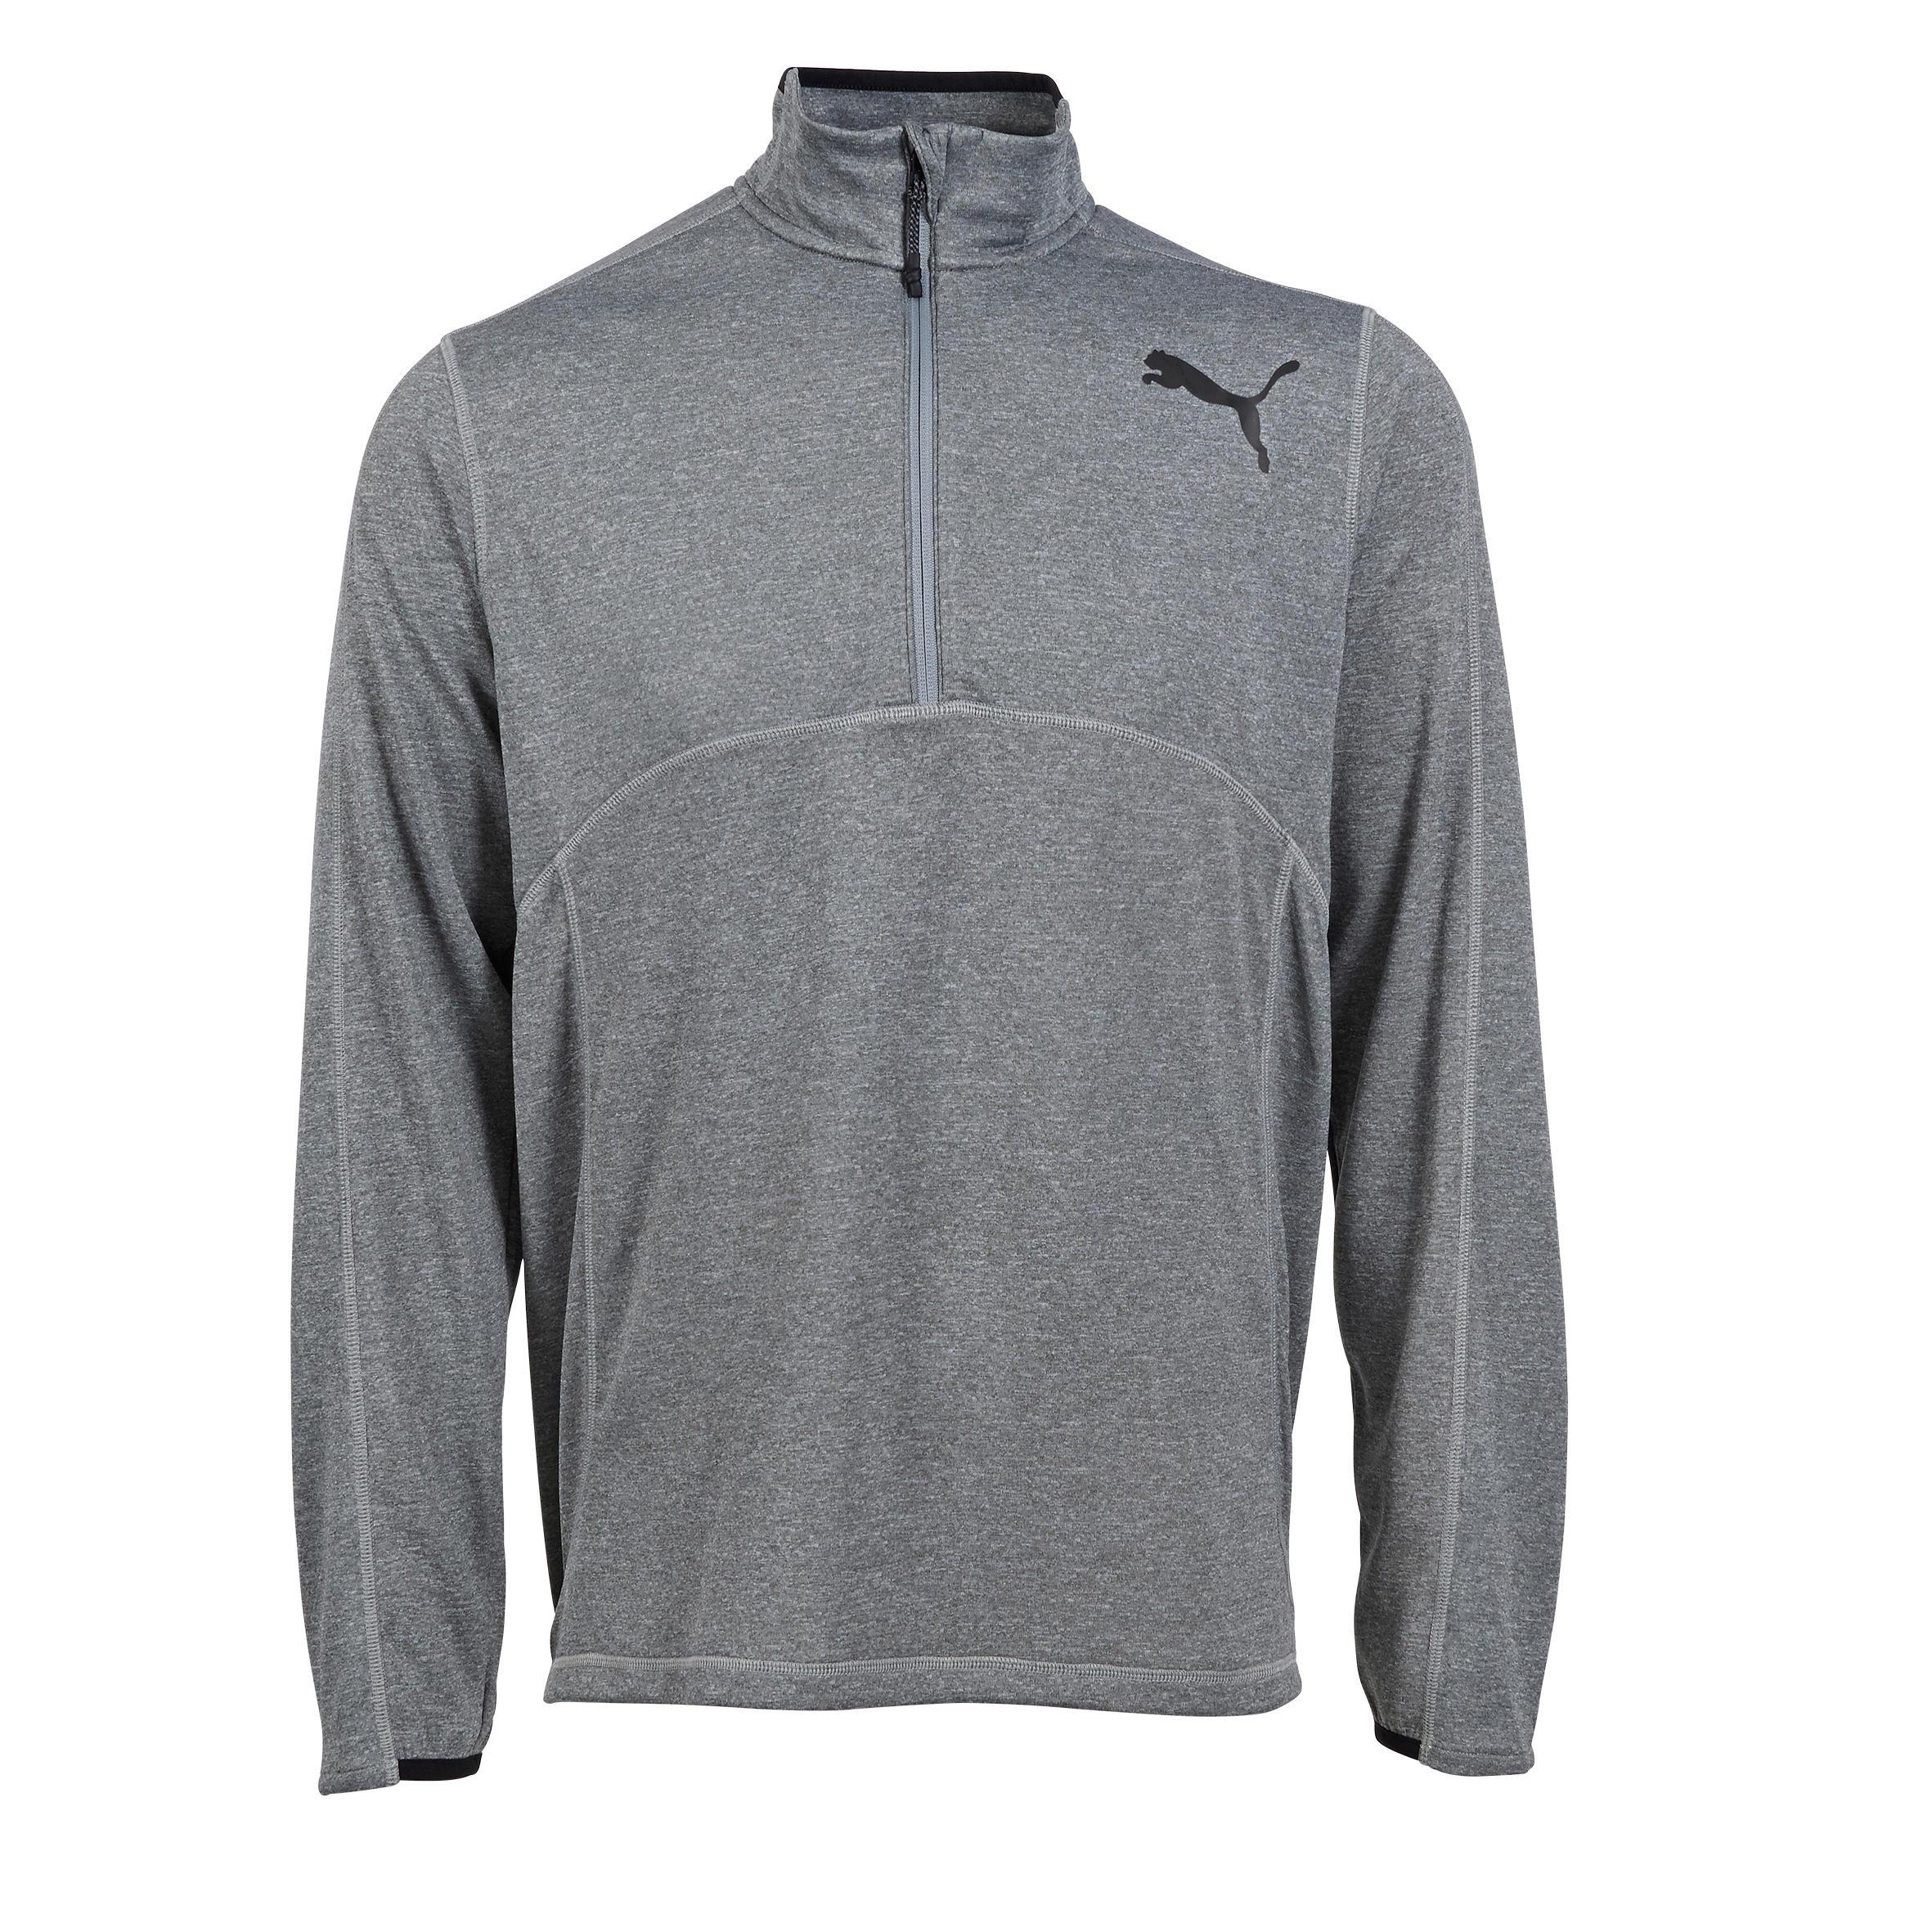 Puma Fitnesssweater voor heren grijs